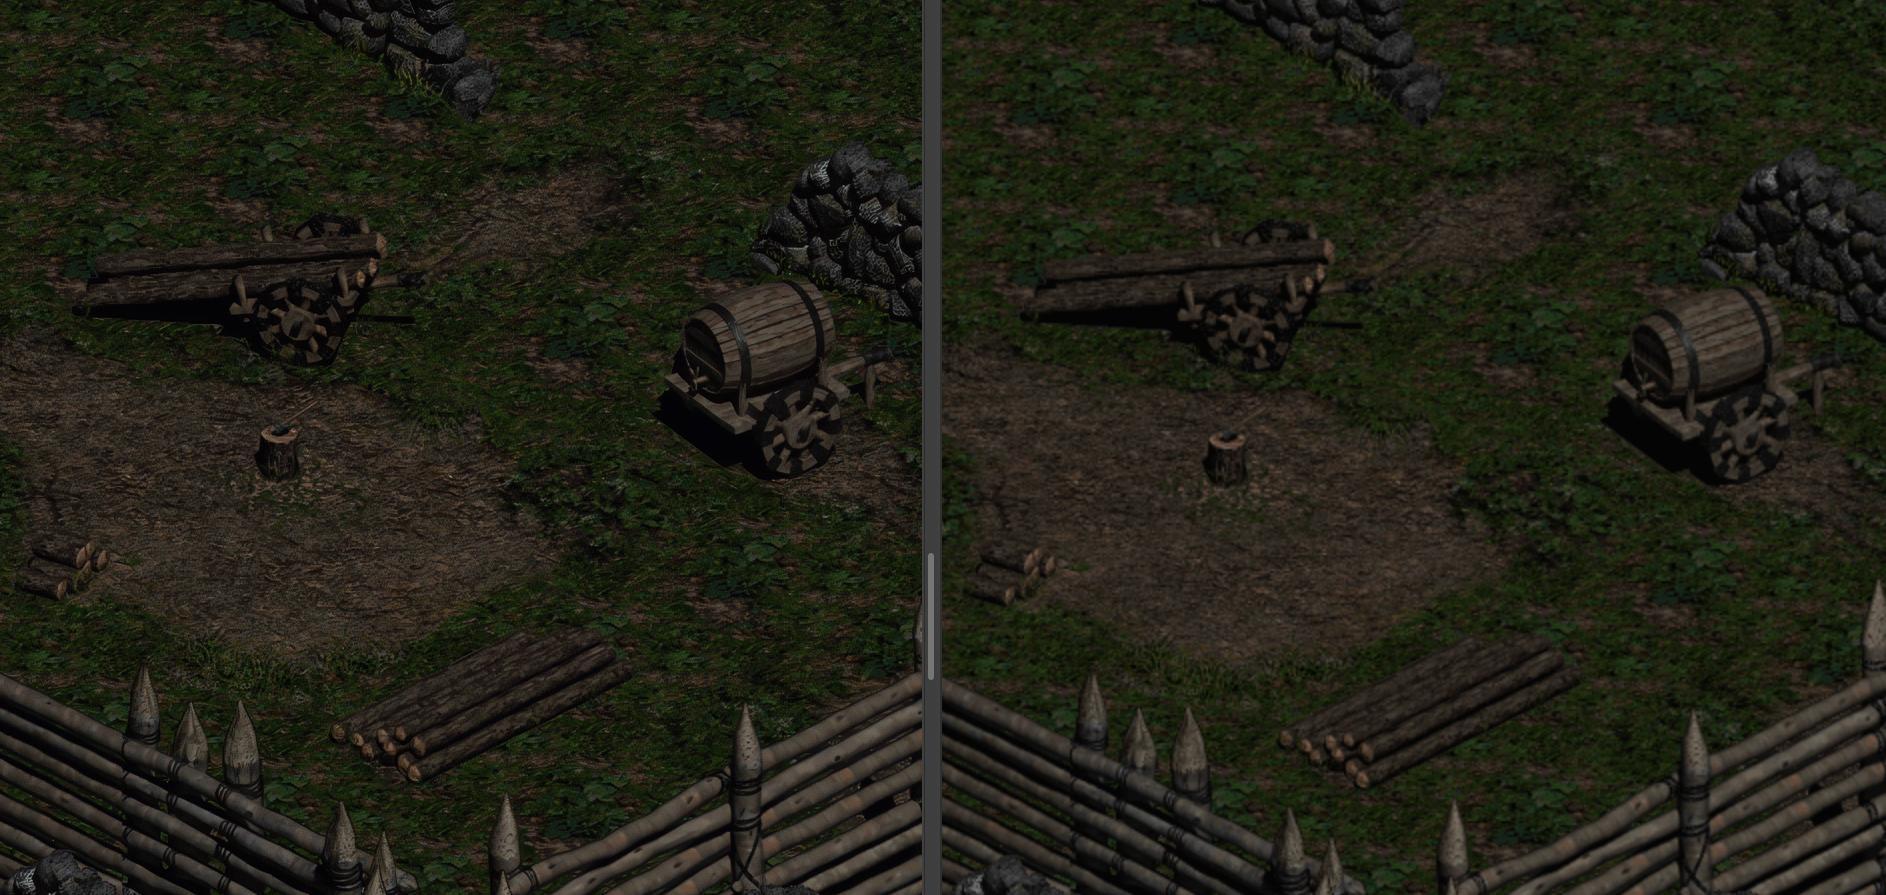 《暗黑破坏神2》复刻版长啥样?有玩家自己做了个